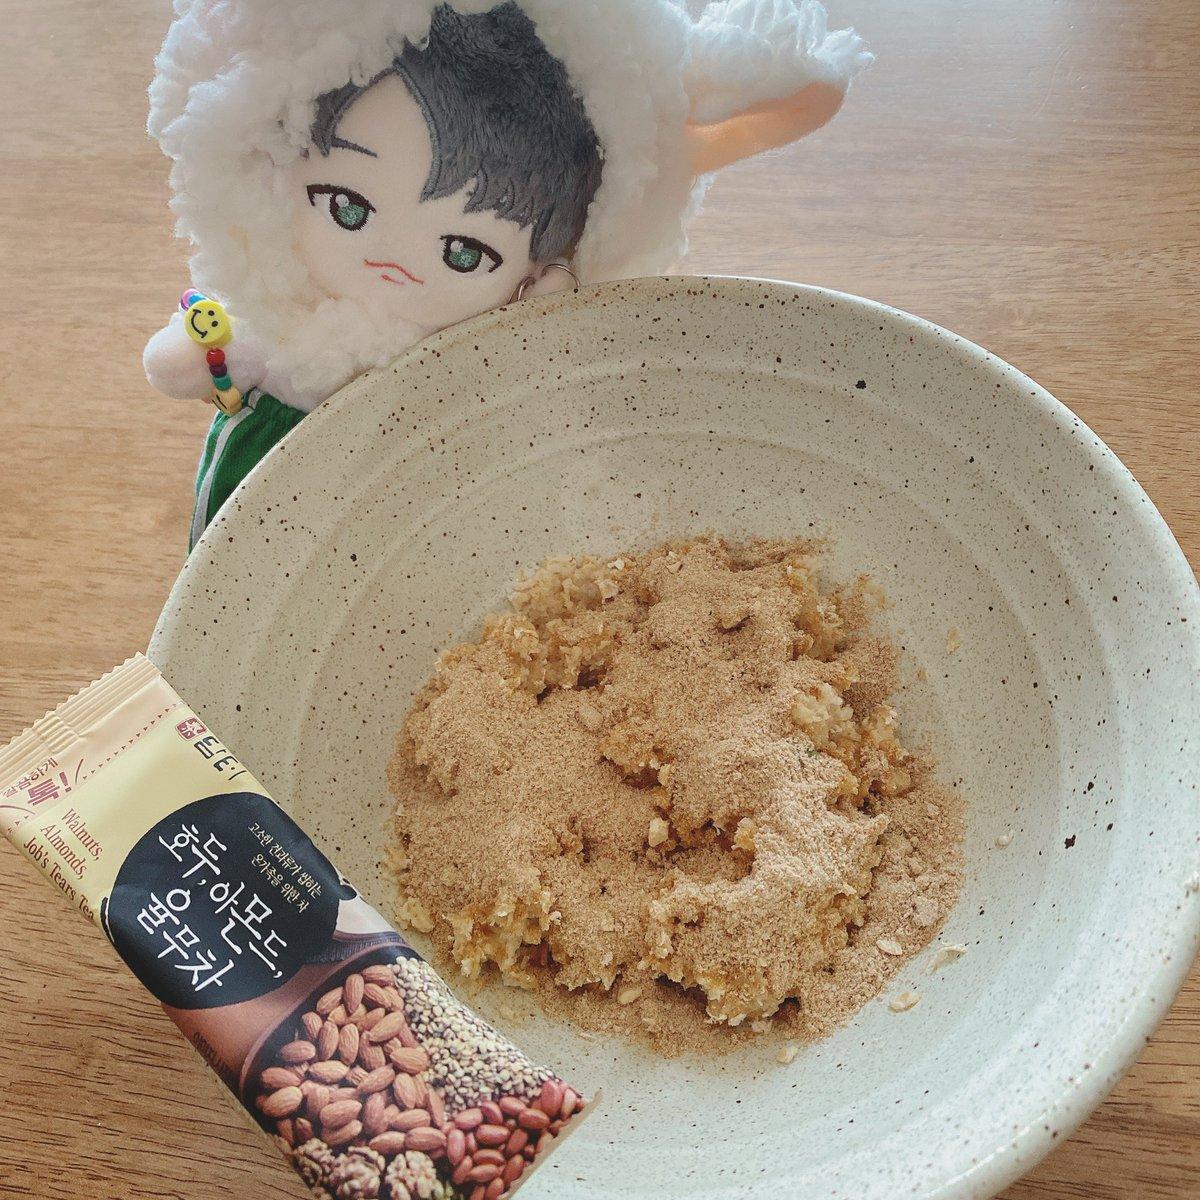 今日のお昼ご飯はオートミールにユルム茶の粉をかけたやつ😋🍴 お水少なめに作ったモチモチのオートミールに甘い粉が合ってて、ナッツも入ってるし美味しくて好き!❤️  #tomorrowxtogether #yeonjun #TXT #투모로우바이투게더 #연준 #TXT_연준 #ぬい撮り #ぬいぐるみ #我が家のヨンジュンぬいちゃん